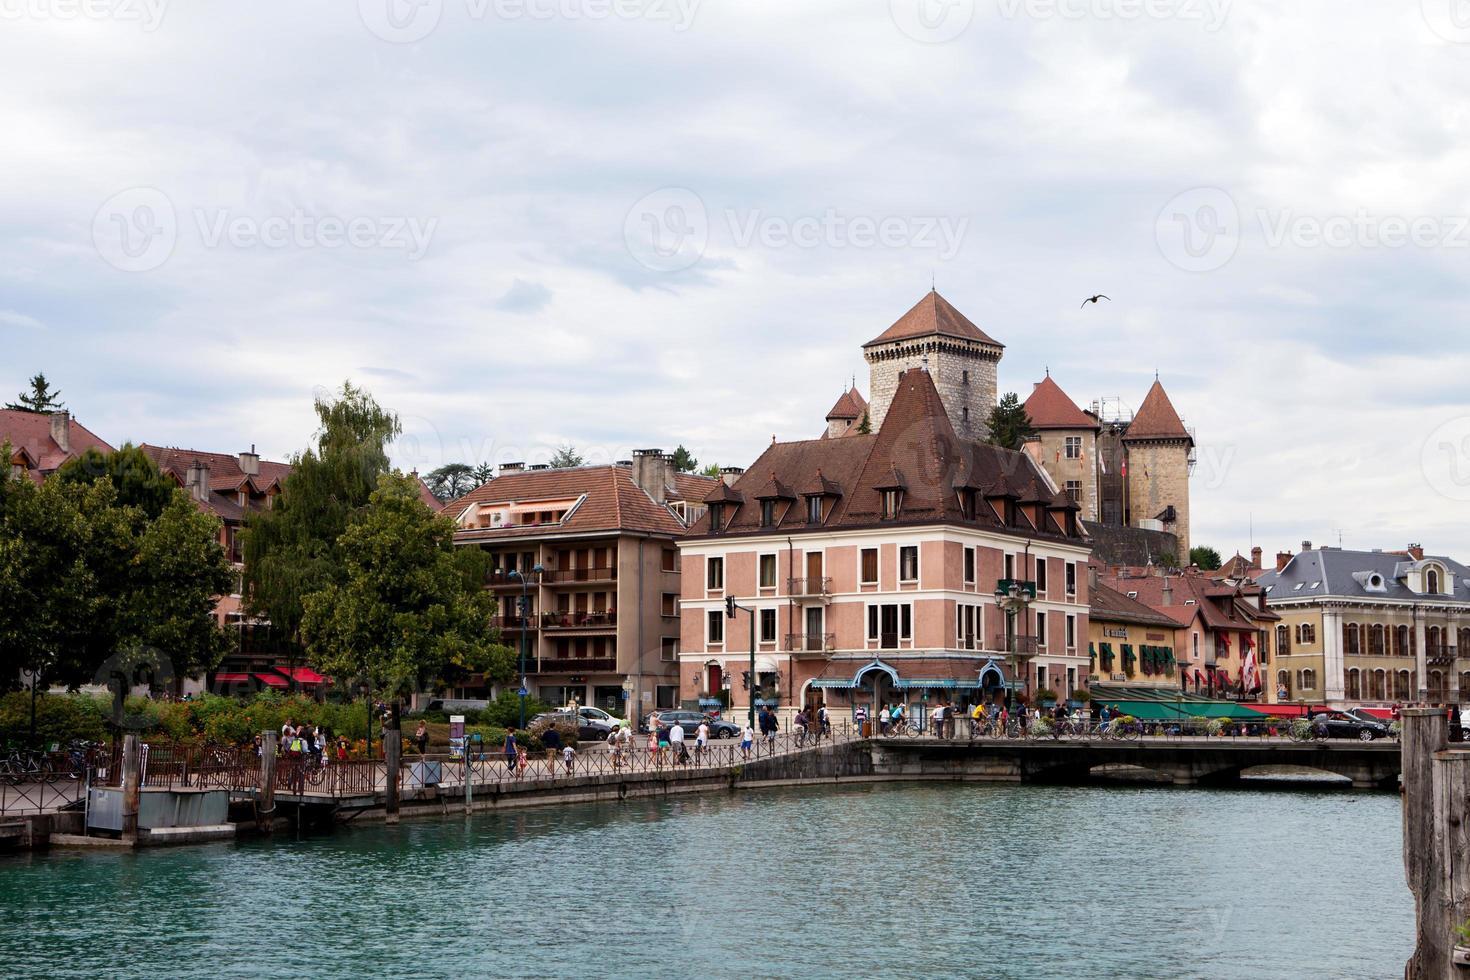 die Stadt der Annecy tagsüber, beschäftigt mit Menschen, zu Fuß foto